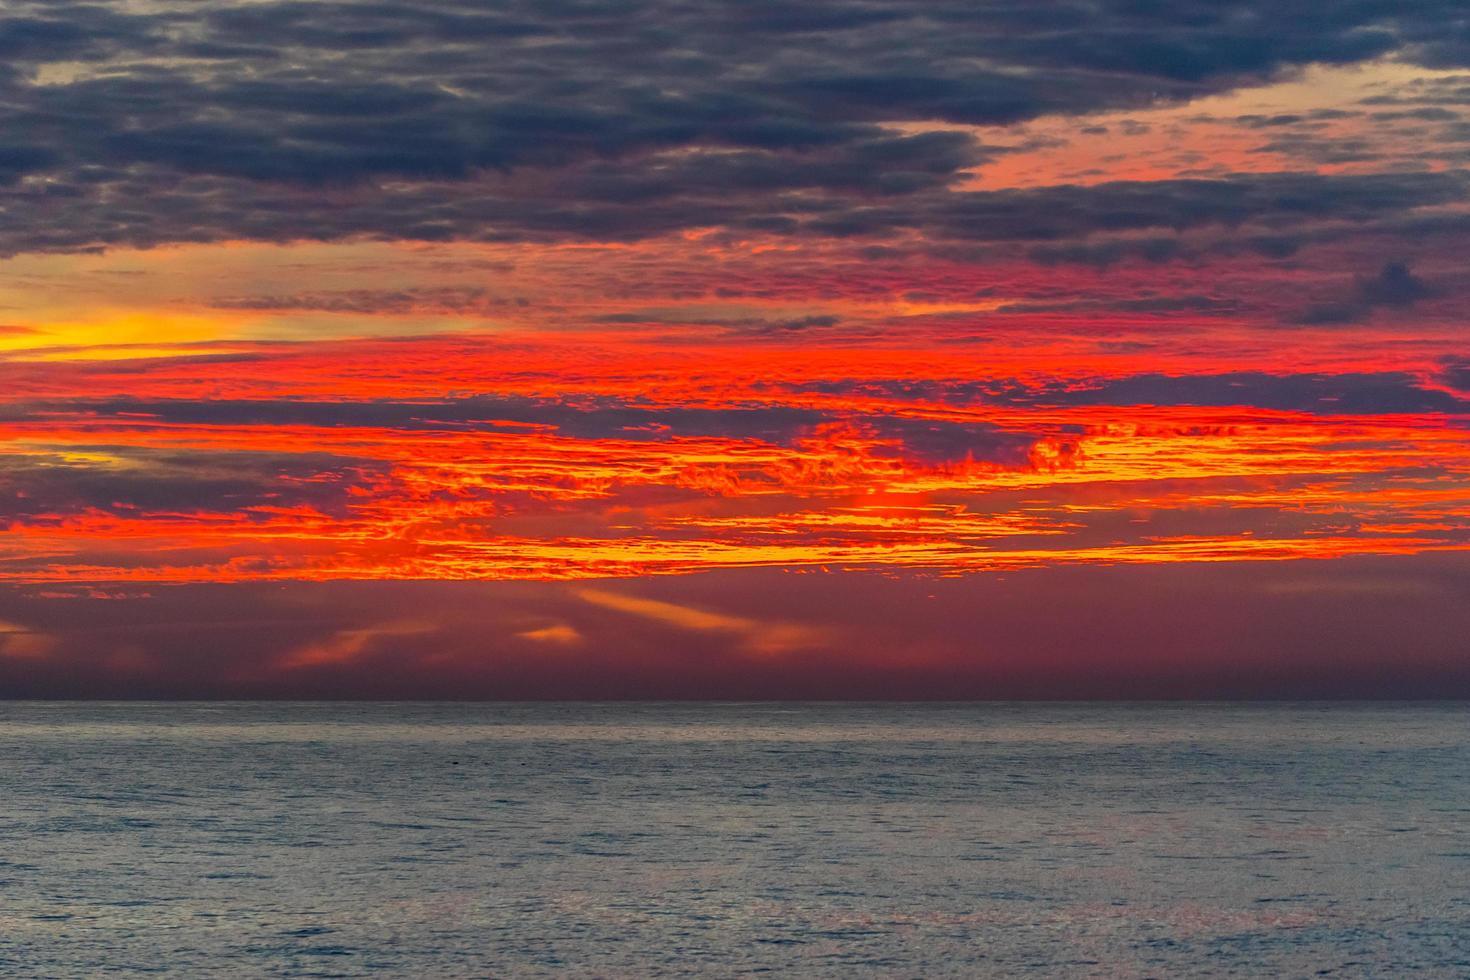 Colorido atardecer naranja y rojo sobre un cuerpo de agua foto